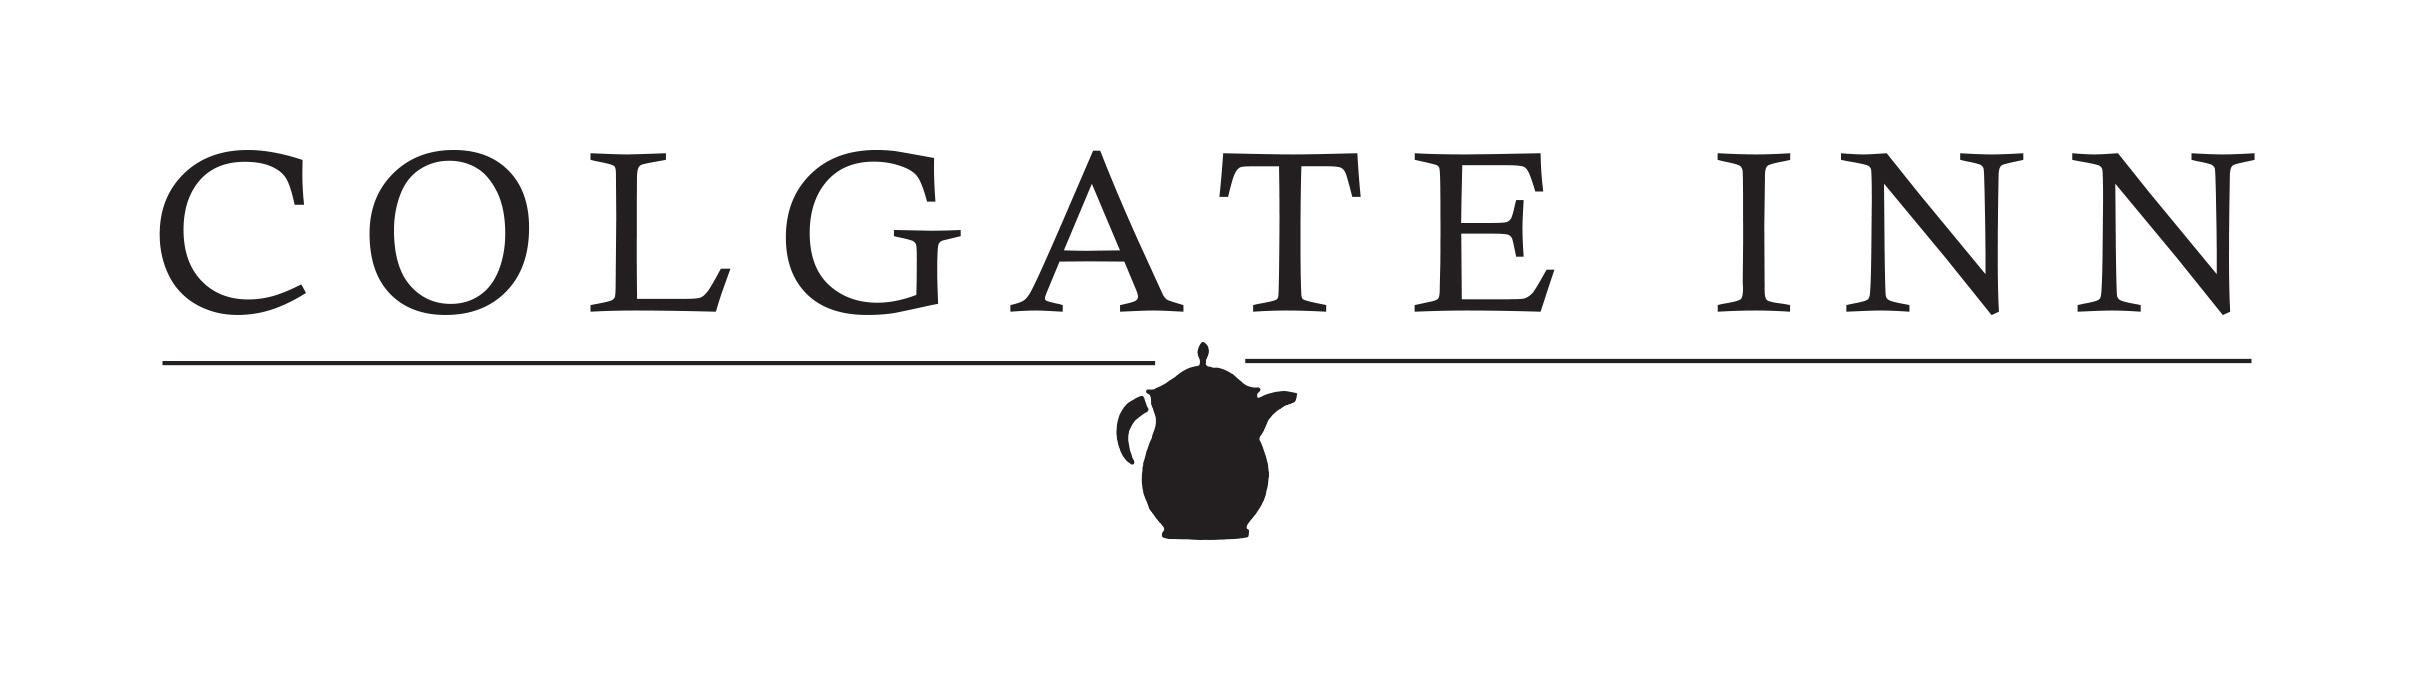 Colgate Inn logo   Hamilton, N.Y.